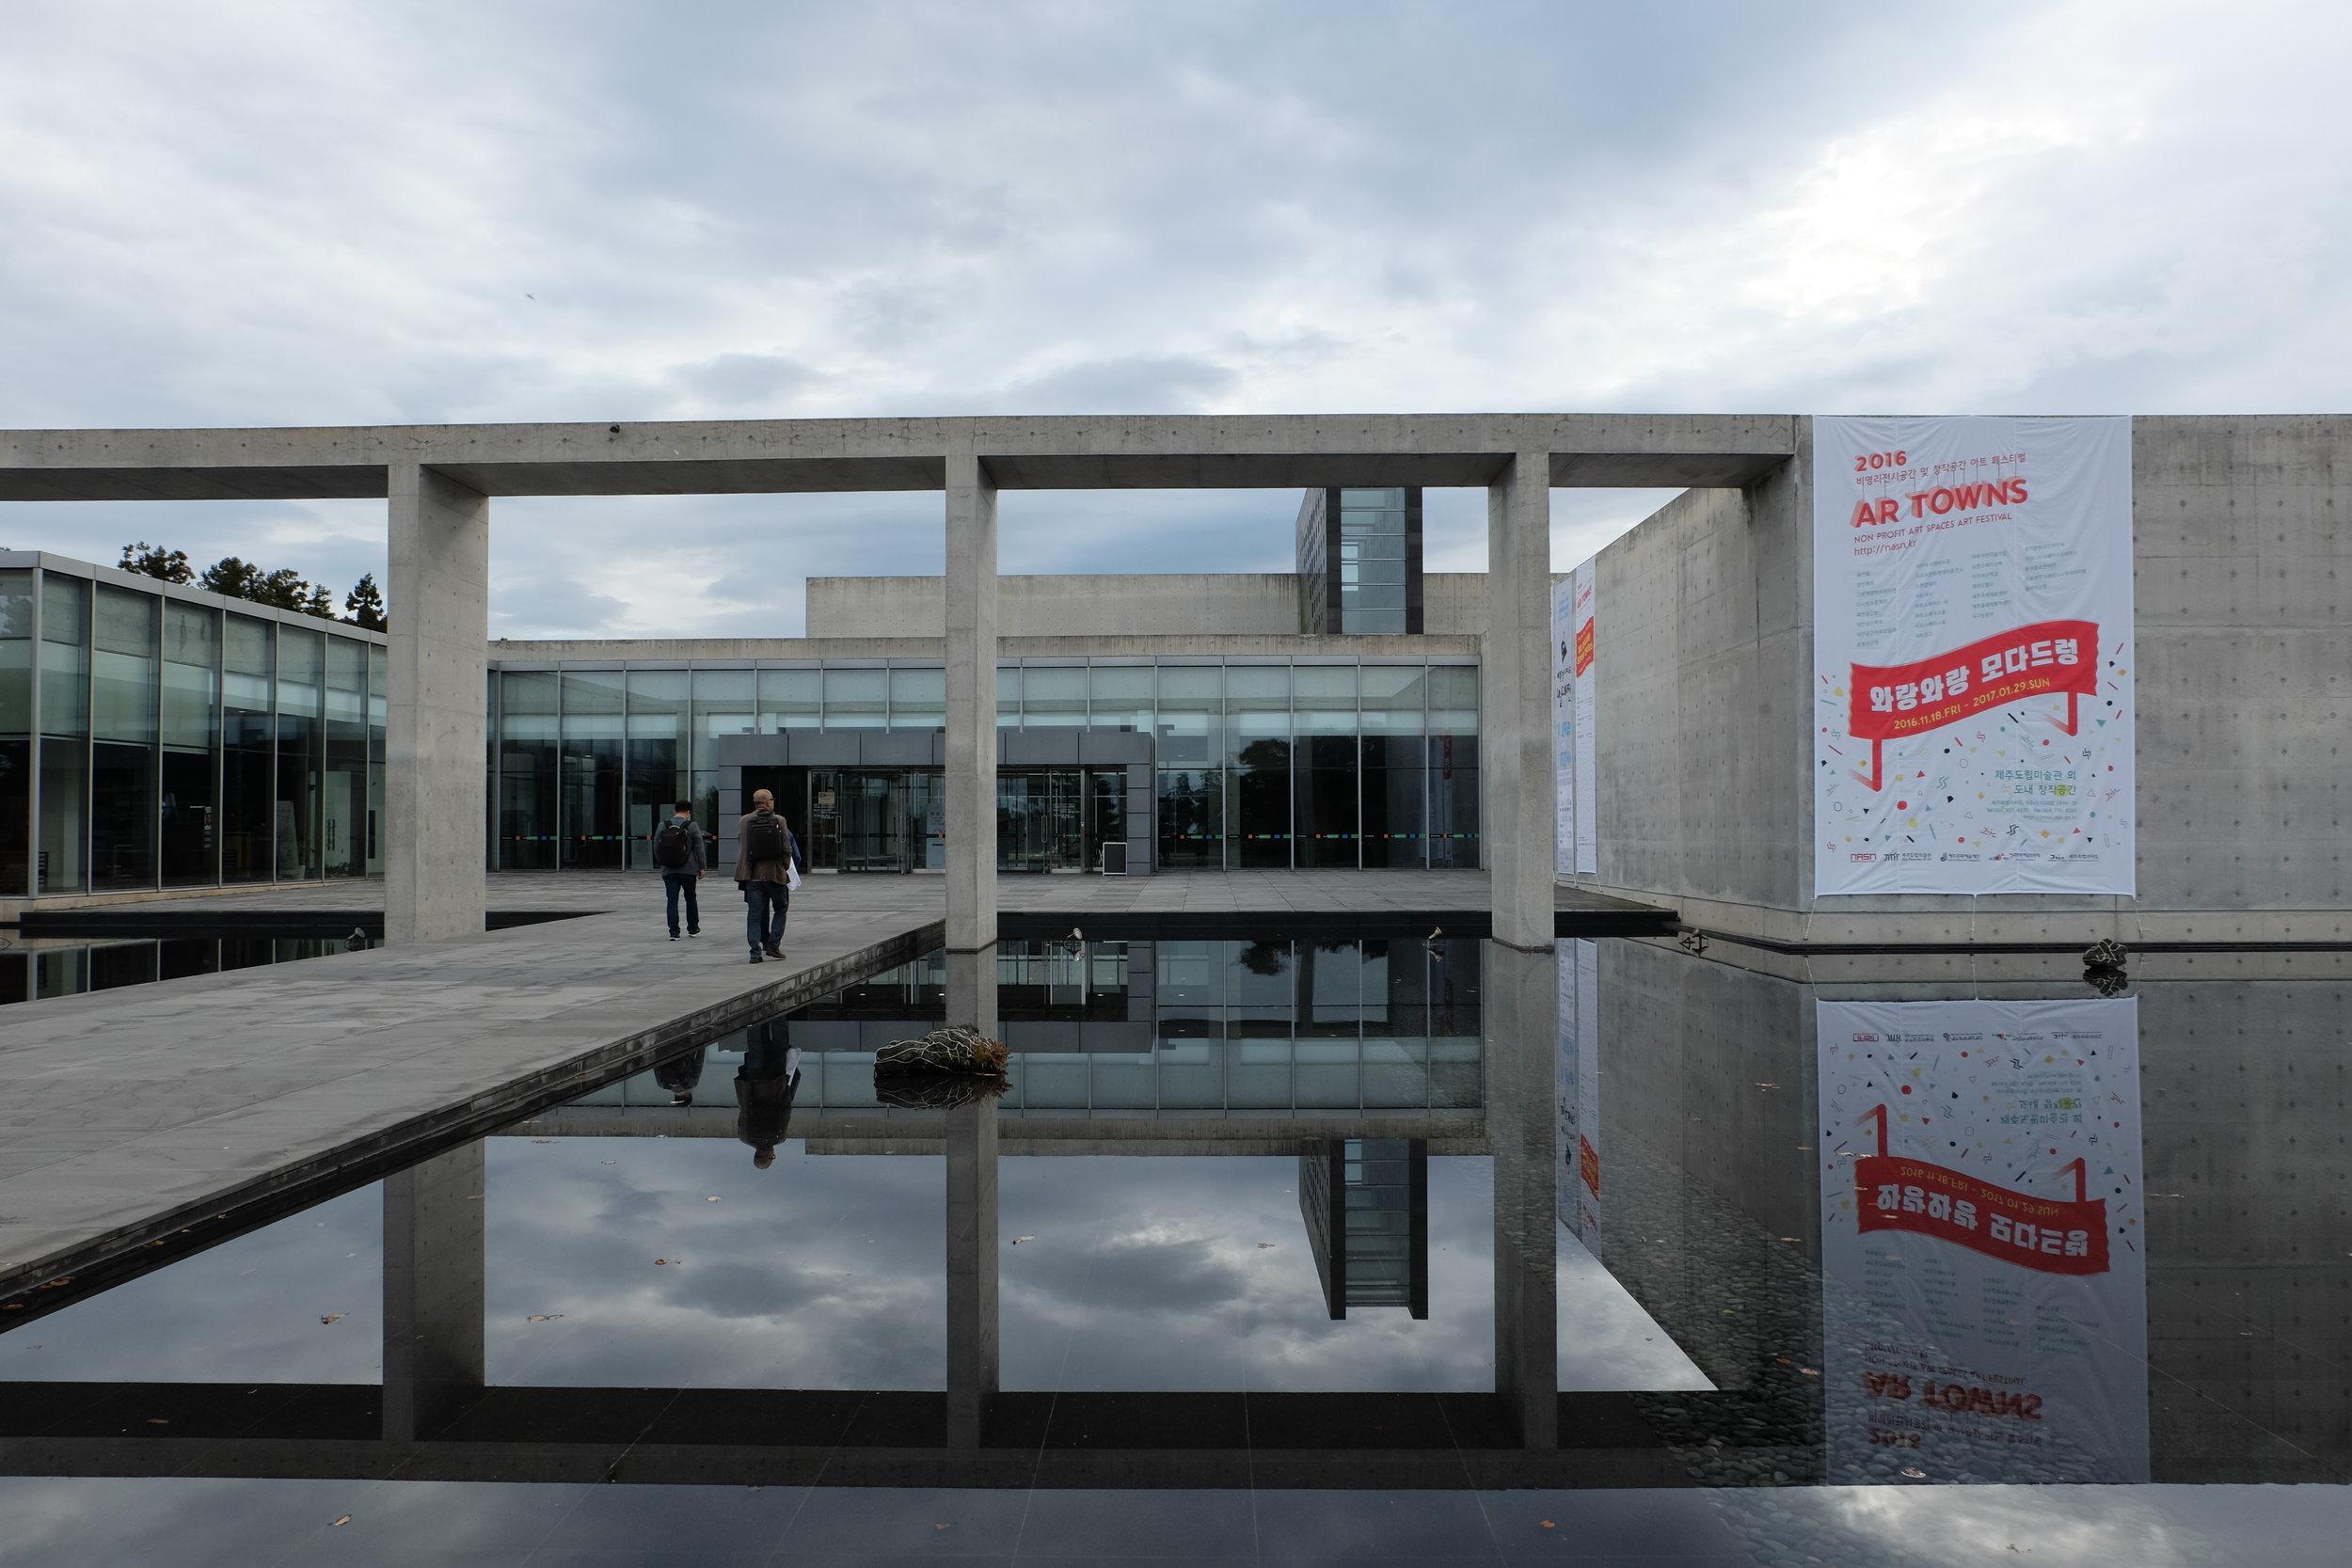 シンポジウムの会場となったチェジュ美術館